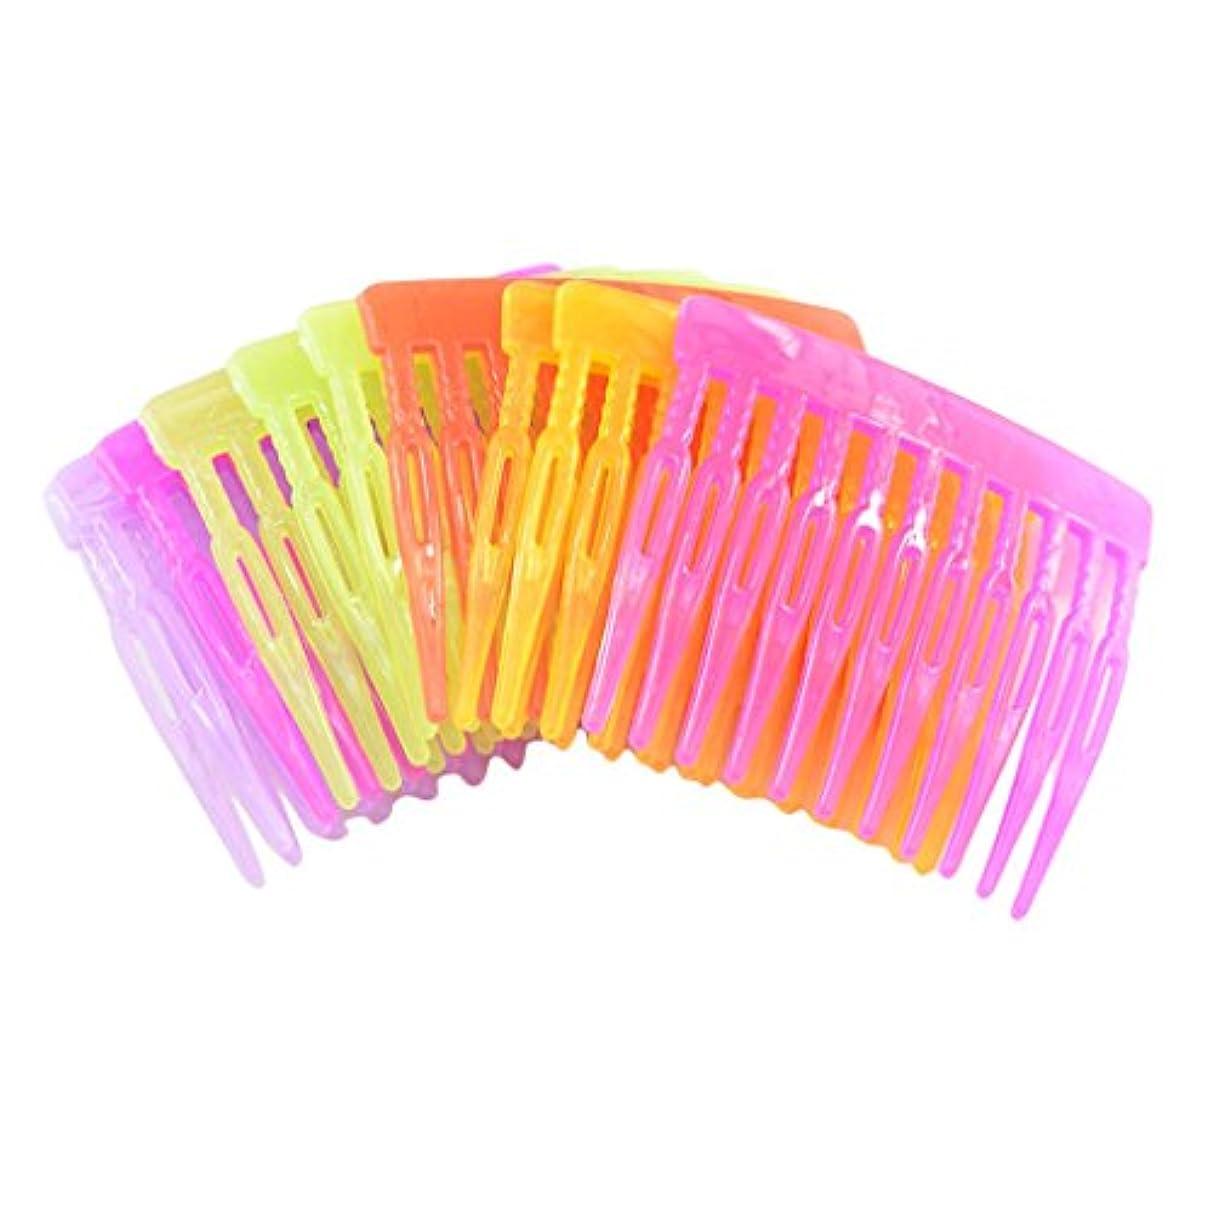 グラマー意味超越する23歯付き 可愛い ヘアクリップ エレガント プラスチック製 櫛